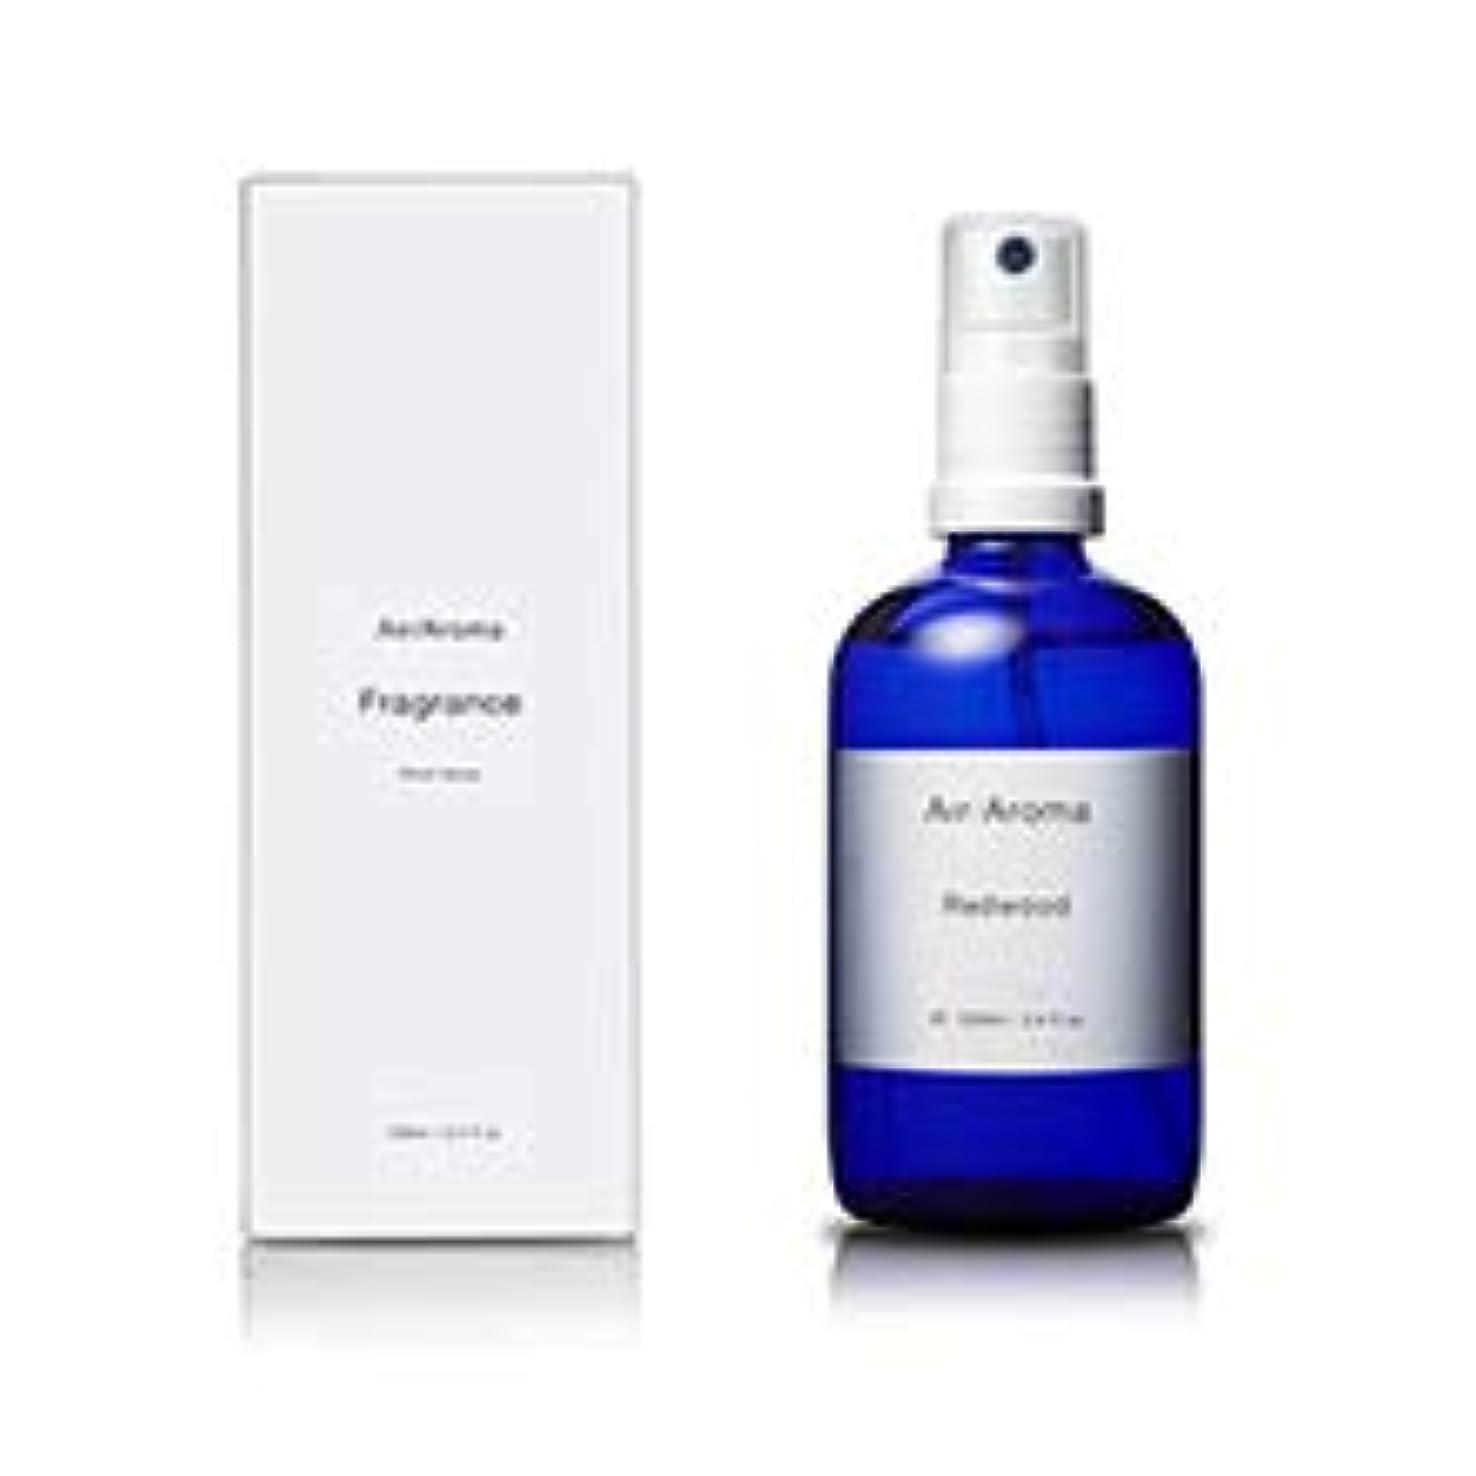 危機不適公エアアロマ redwood room fragrance (レッドウッド ルームフレグランス) 100ml